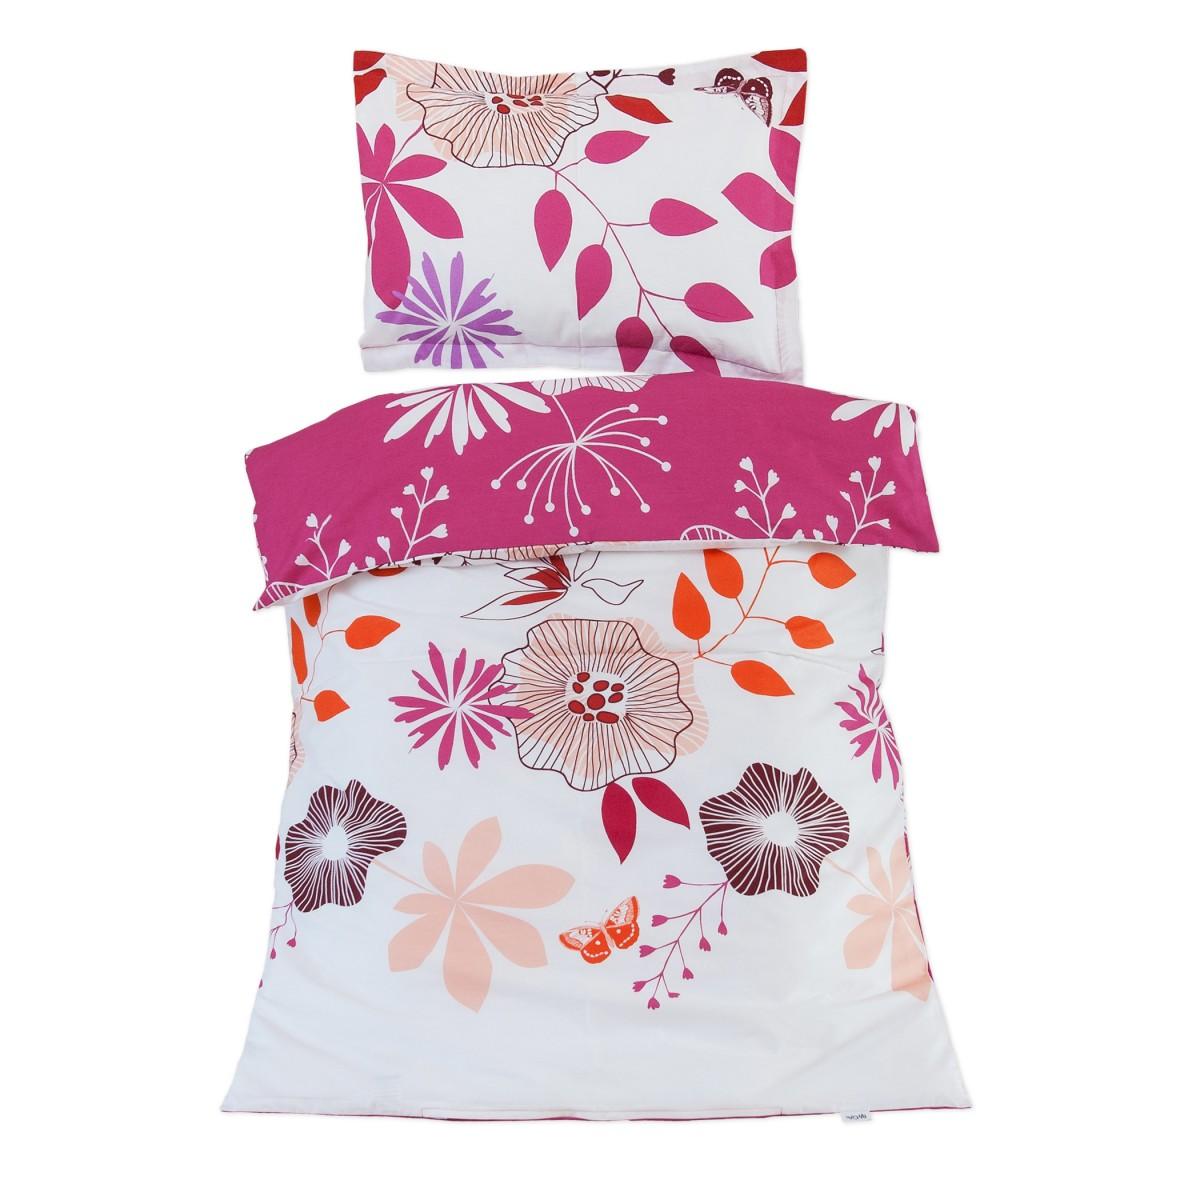 les fleurs coquettes 100 coton parure de lit pour b b. Black Bedroom Furniture Sets. Home Design Ideas